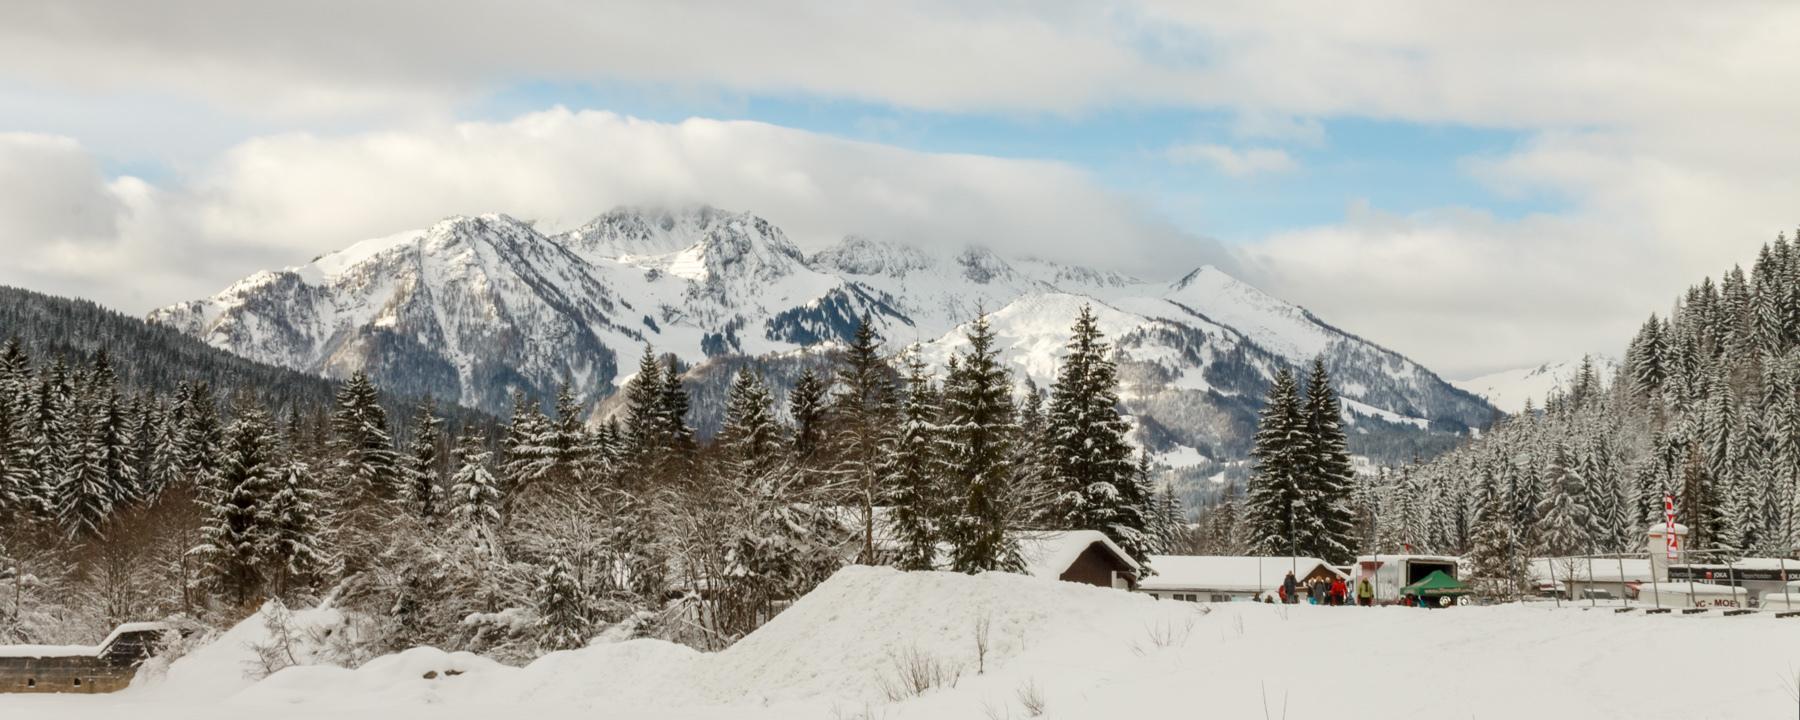 Еще один вид на Тирольские горы. Источник http://content.foto.my.mail.ru/